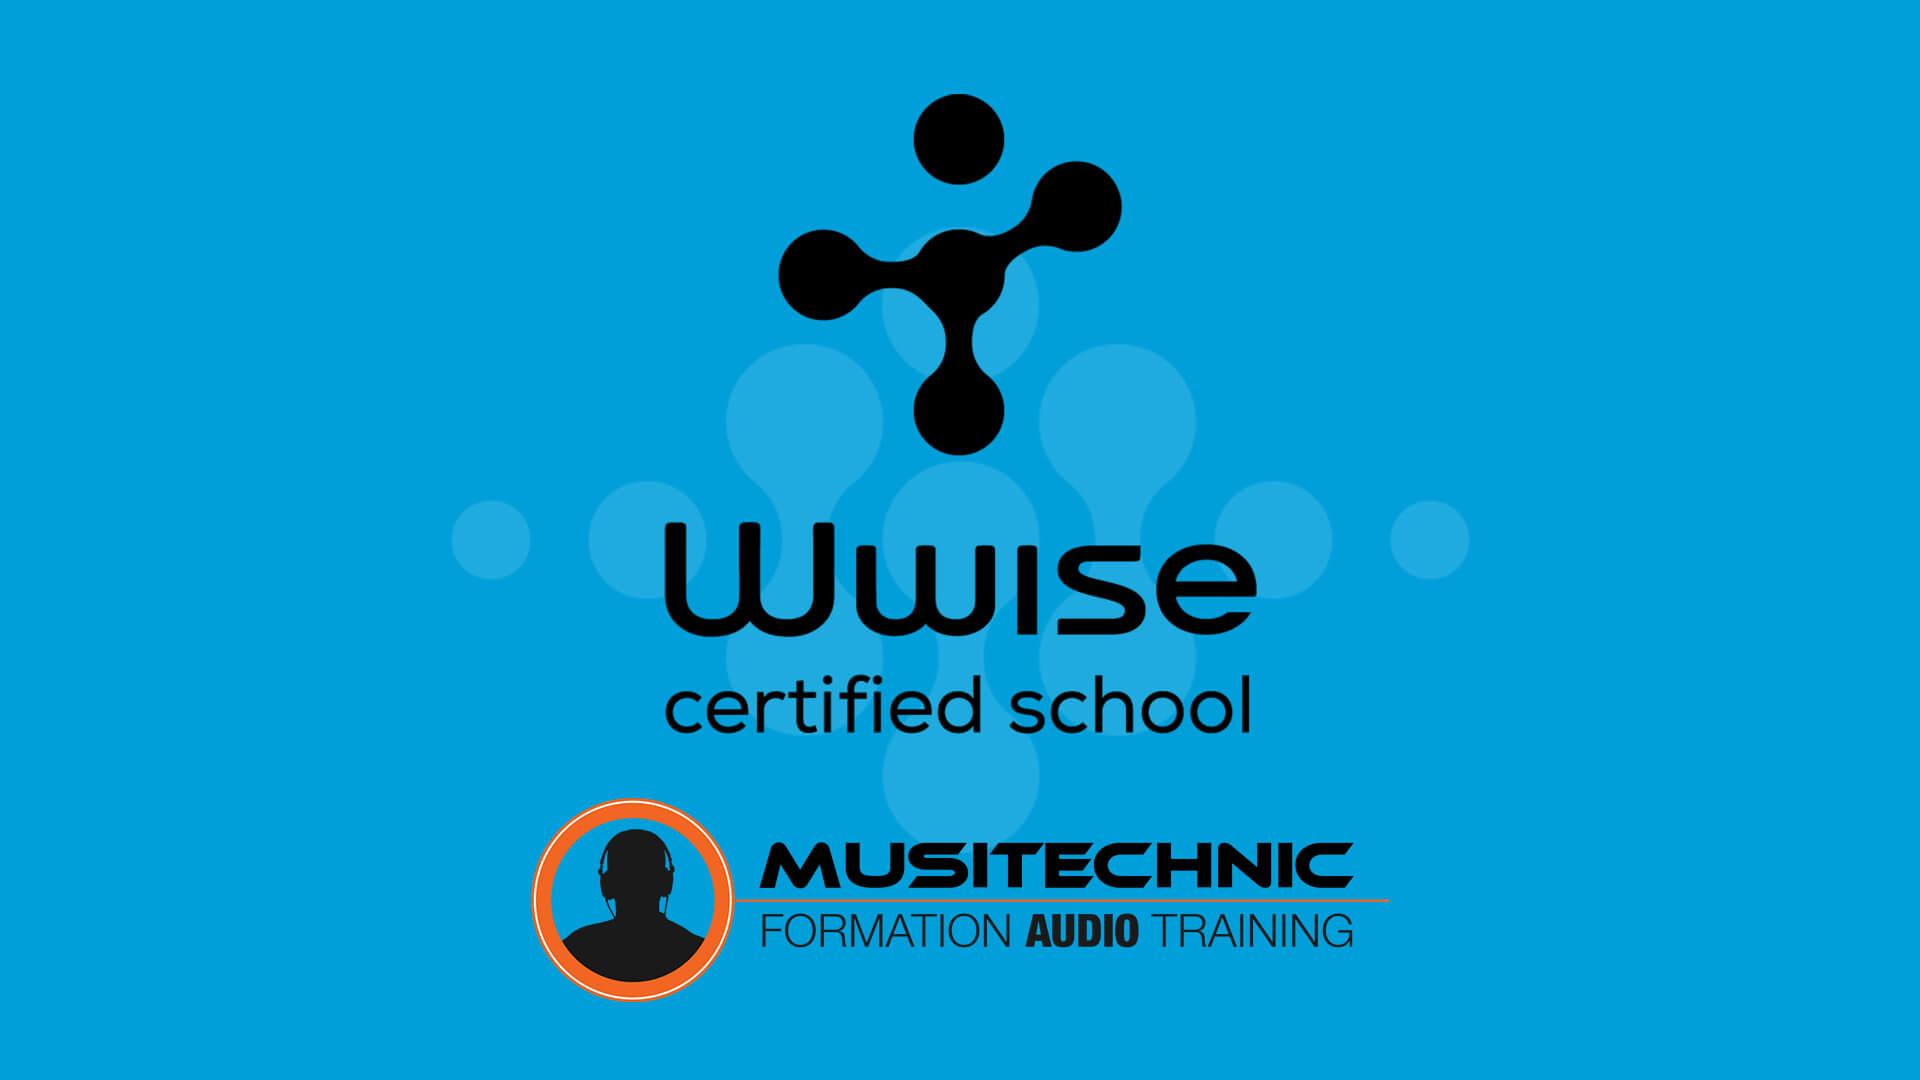 Musitechnic, École Certifiée Wwise de Audiokinetic